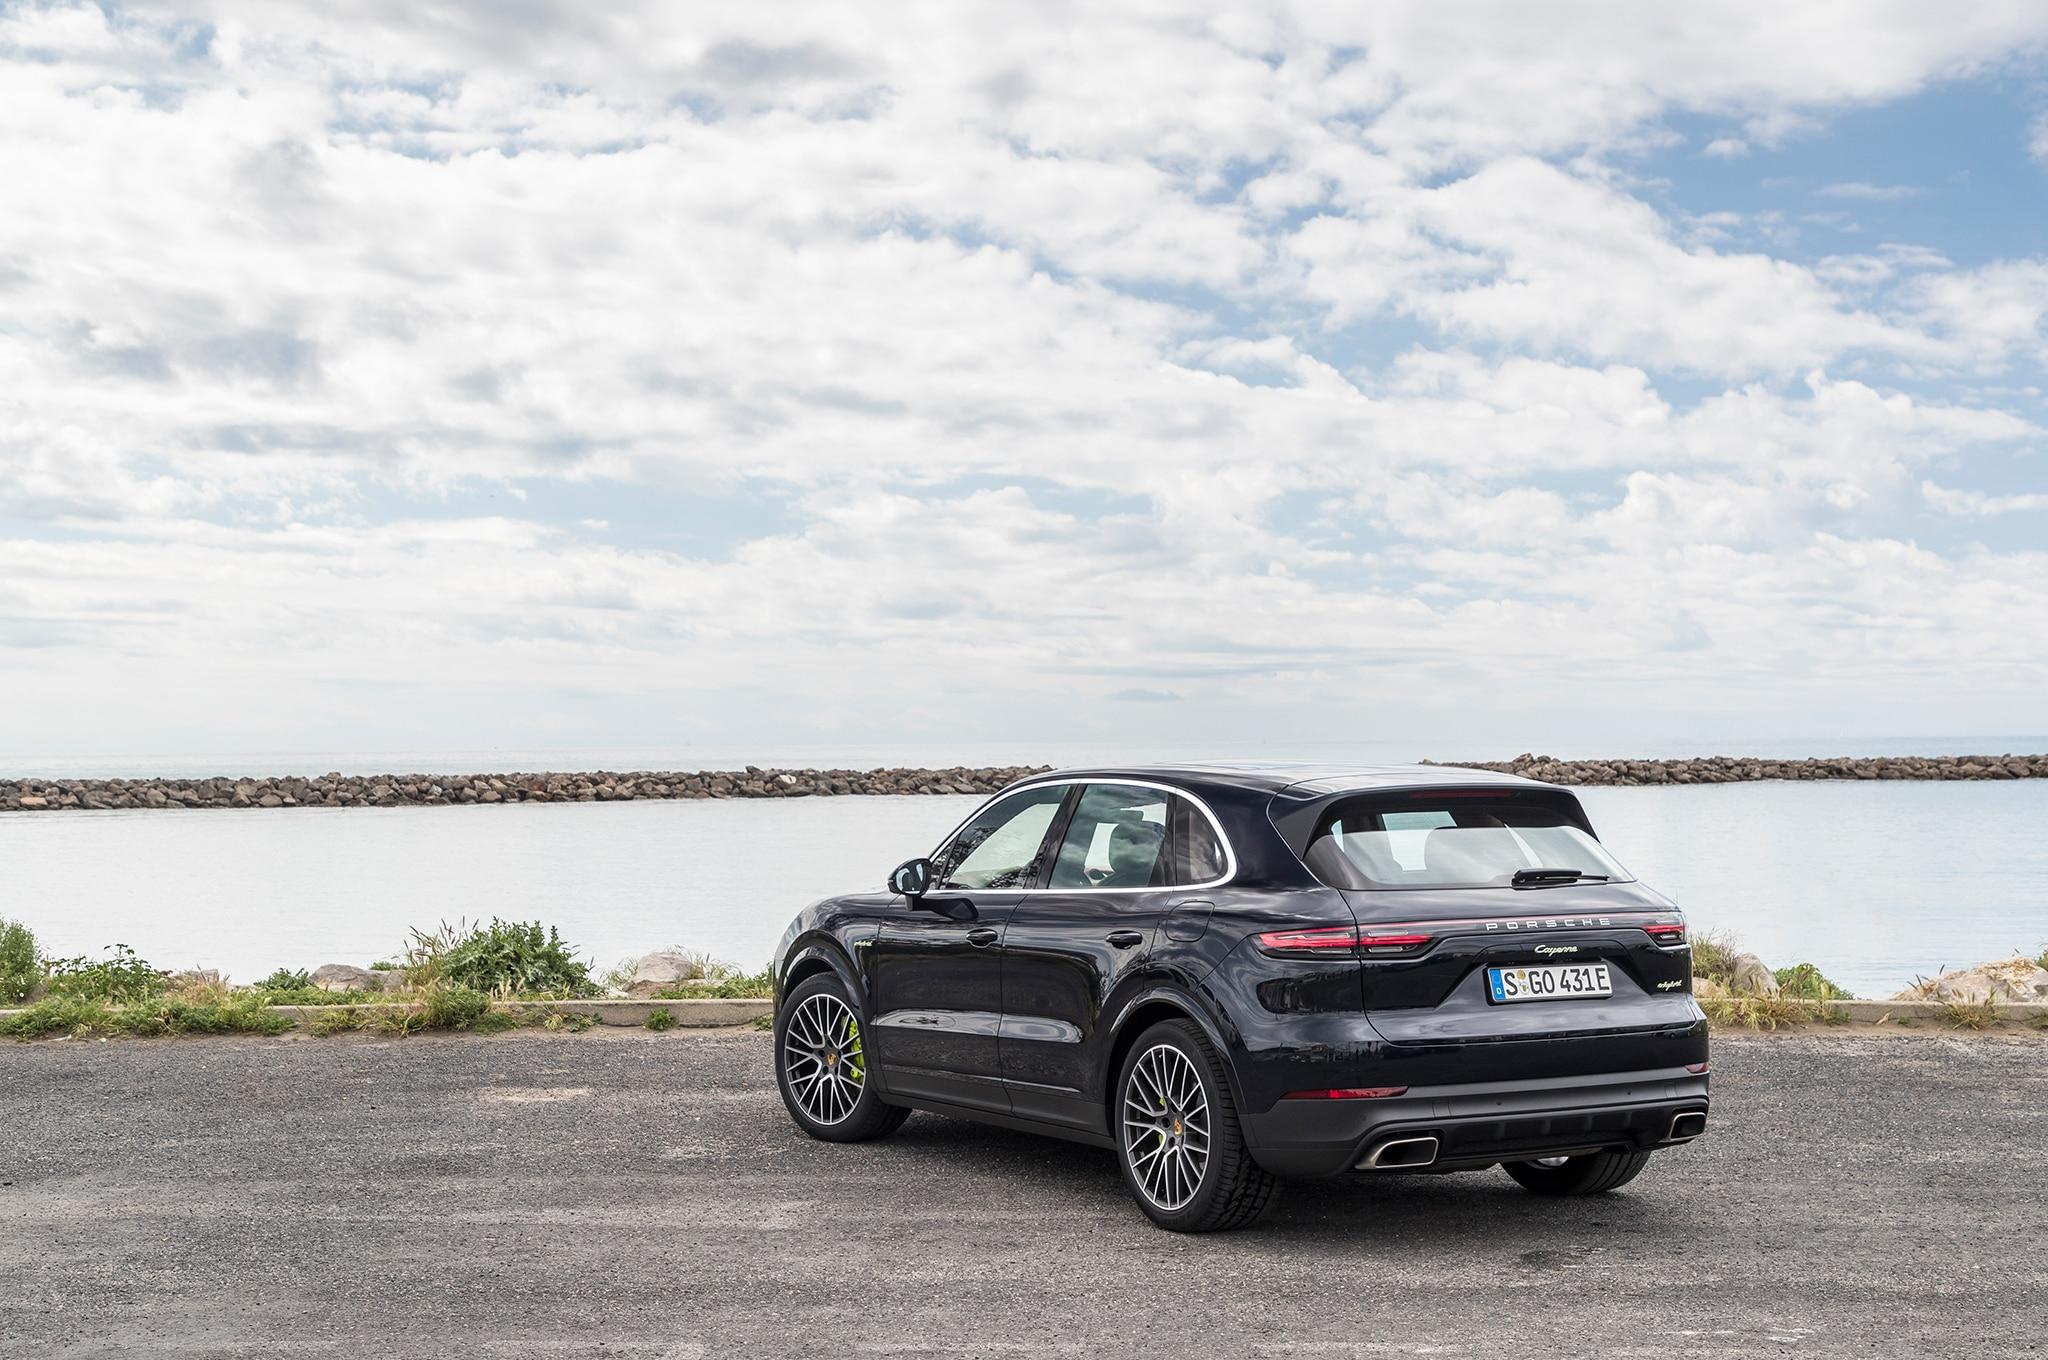 2019 Porsche Cayenne E-Hybrid First Drive Review ...